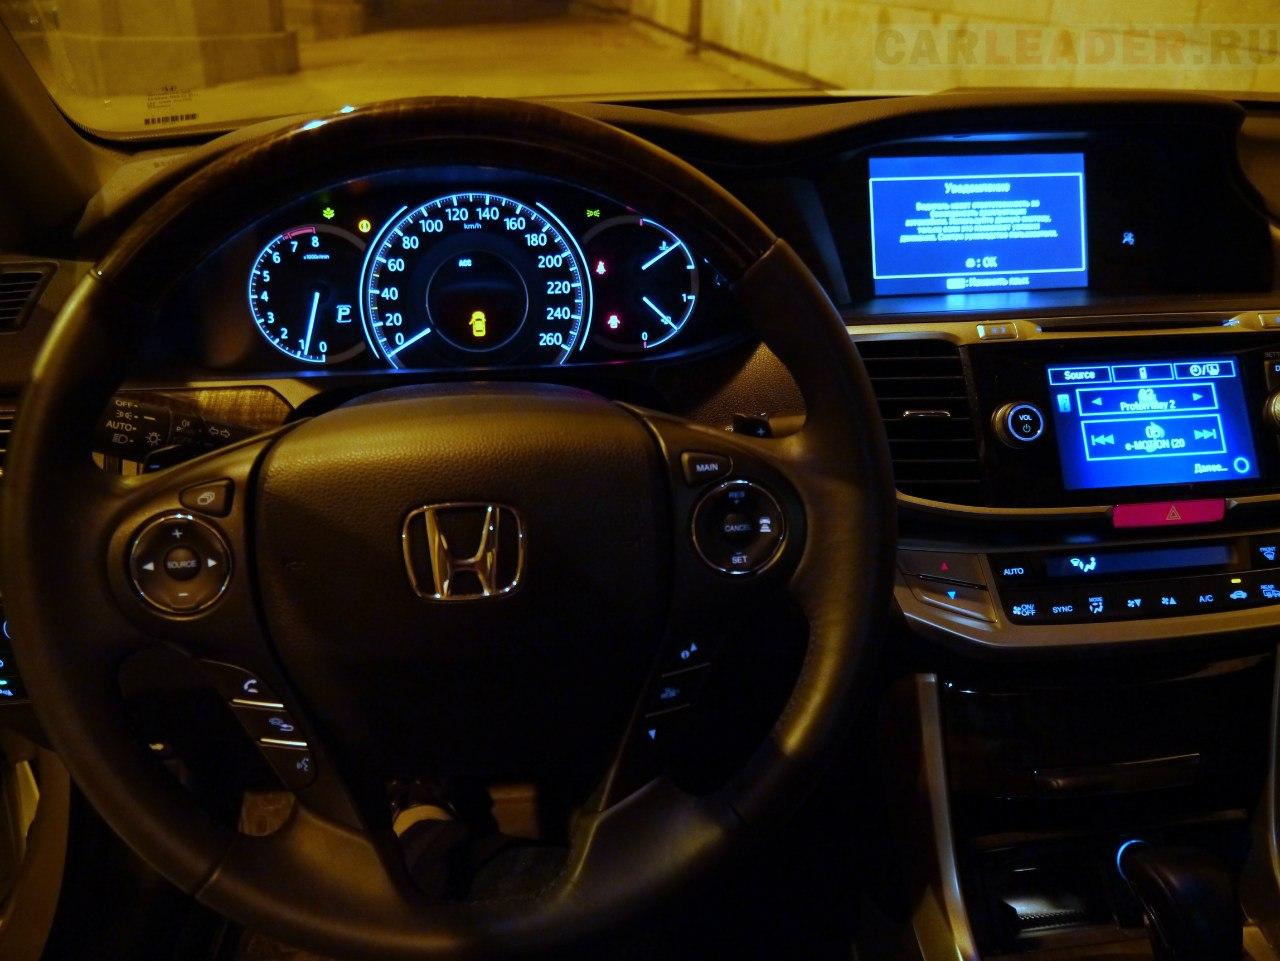 Электроусилитель руля Хонда Аккорд 2013